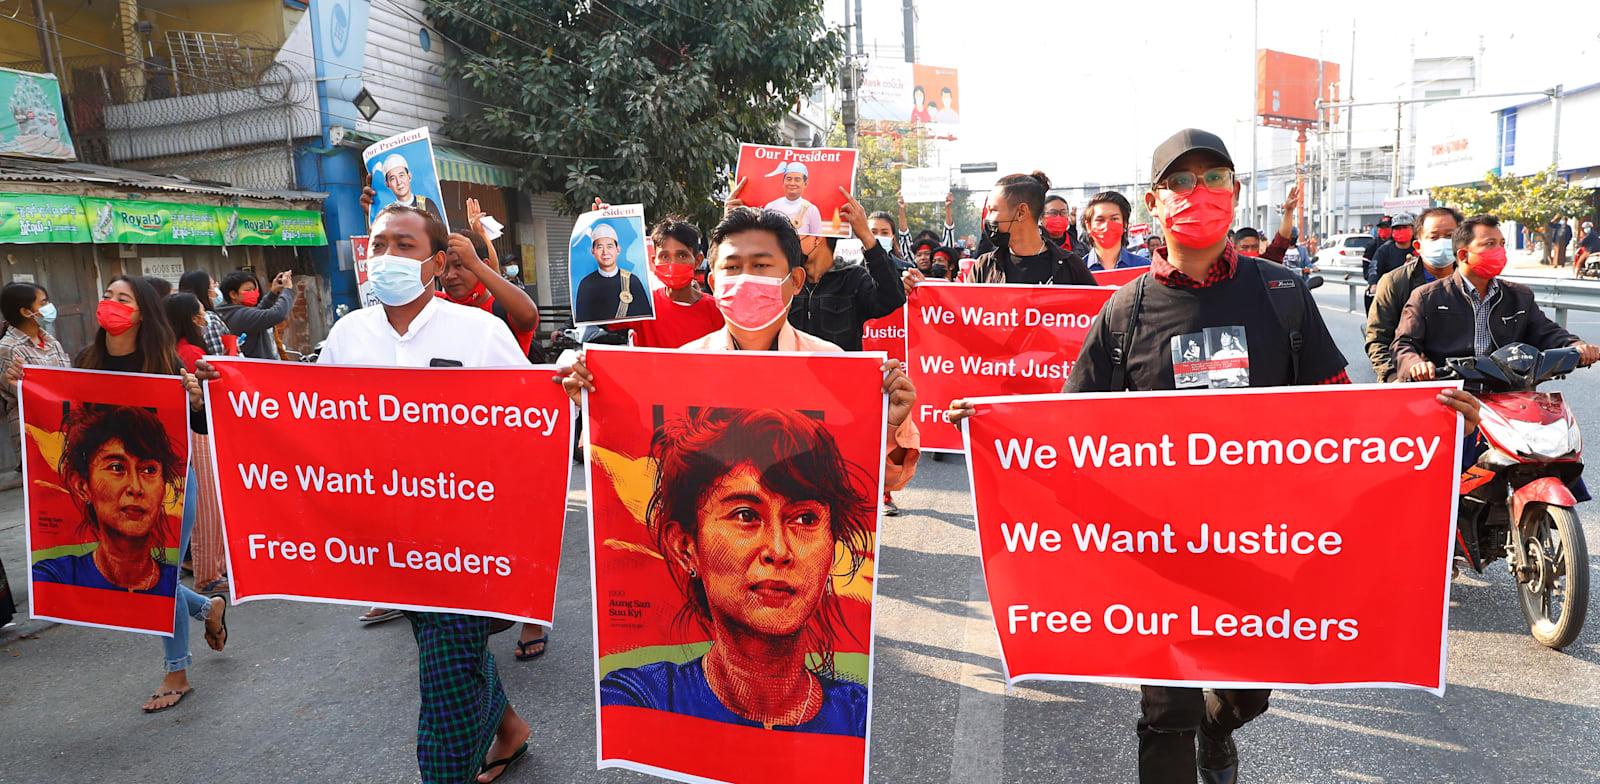 מפגינים במיאנמר נגד ההפיכה הצבאית / צילום: Associated Press